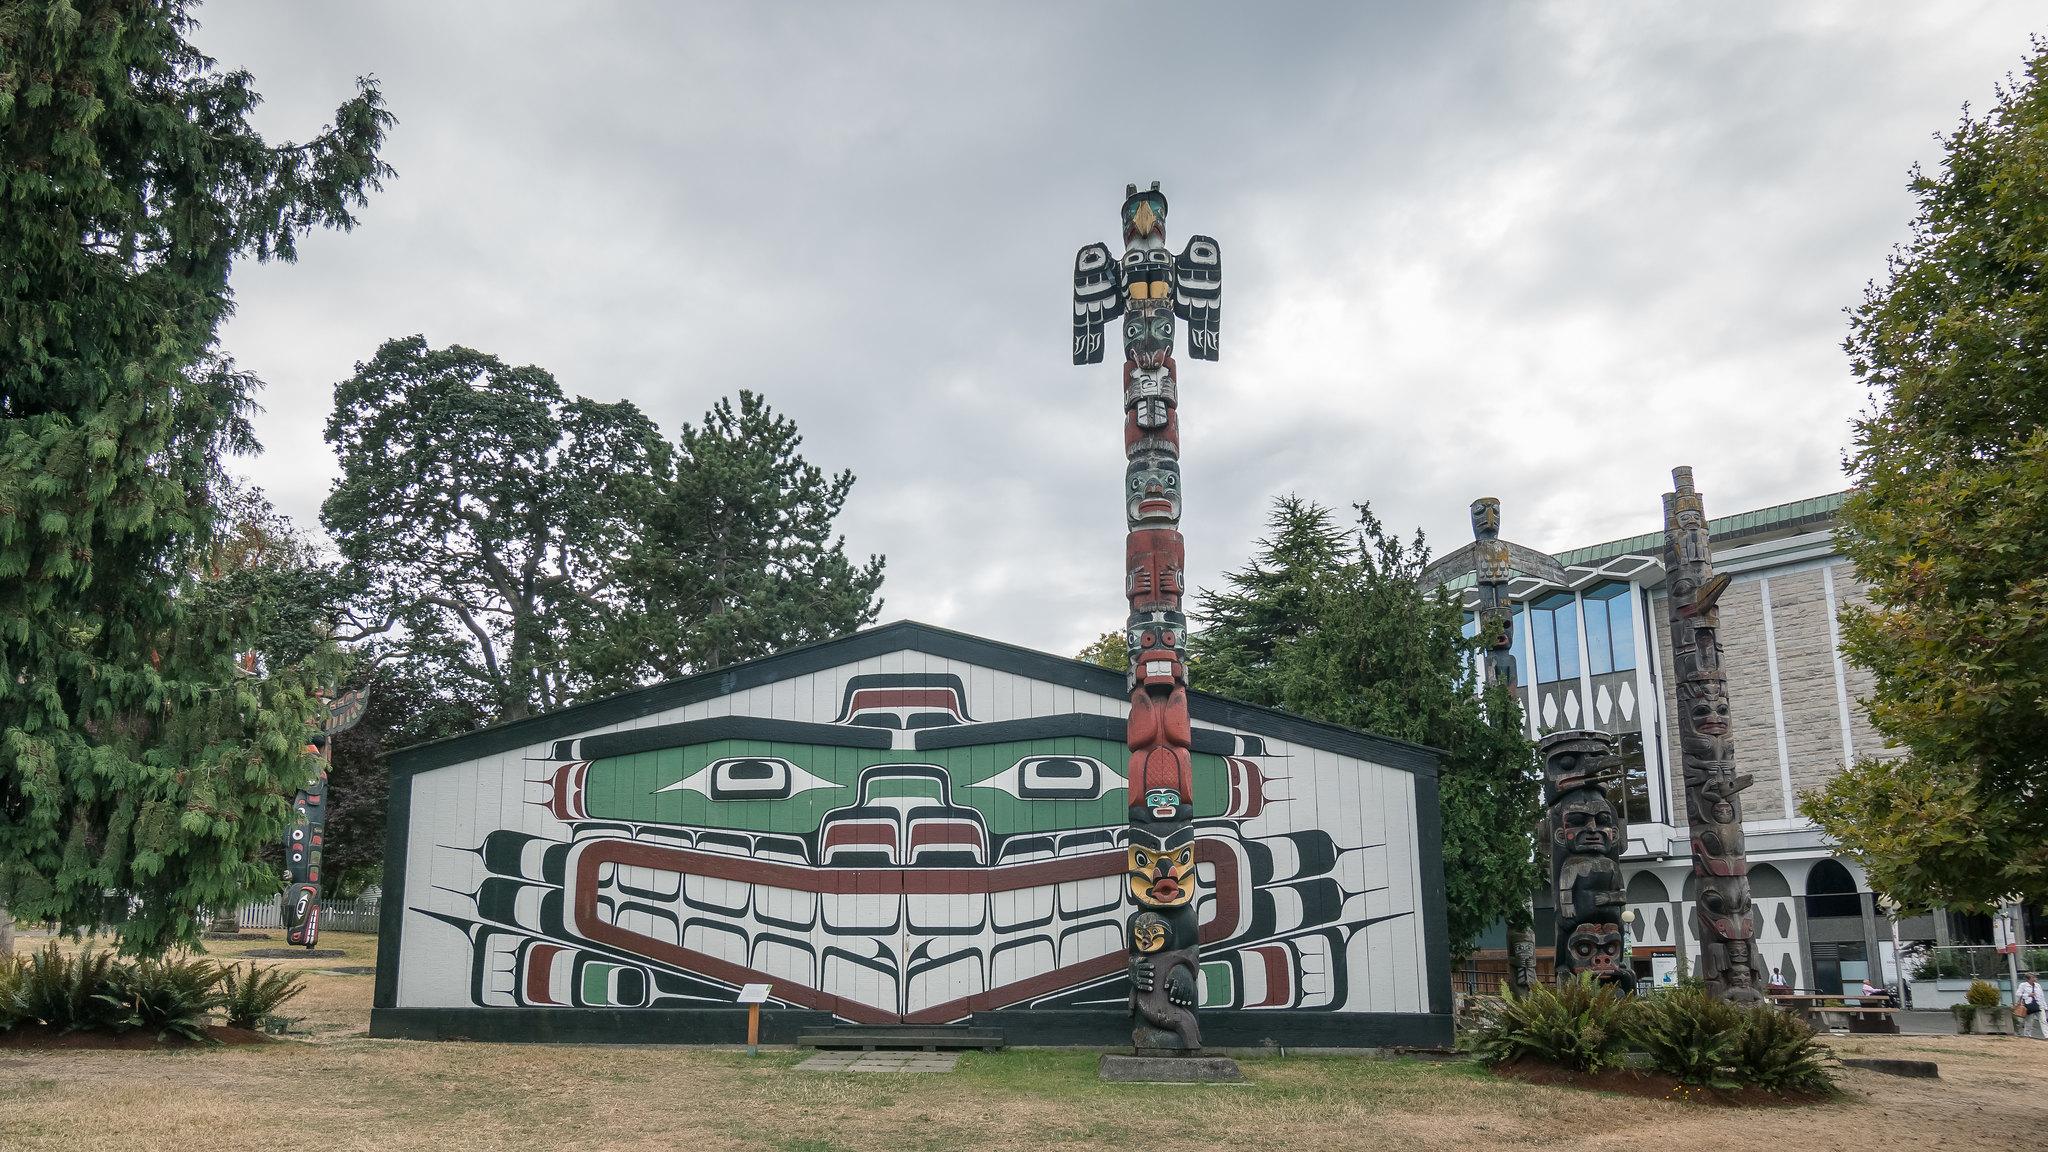 Victoria - Colombie Britannique - [Canada]